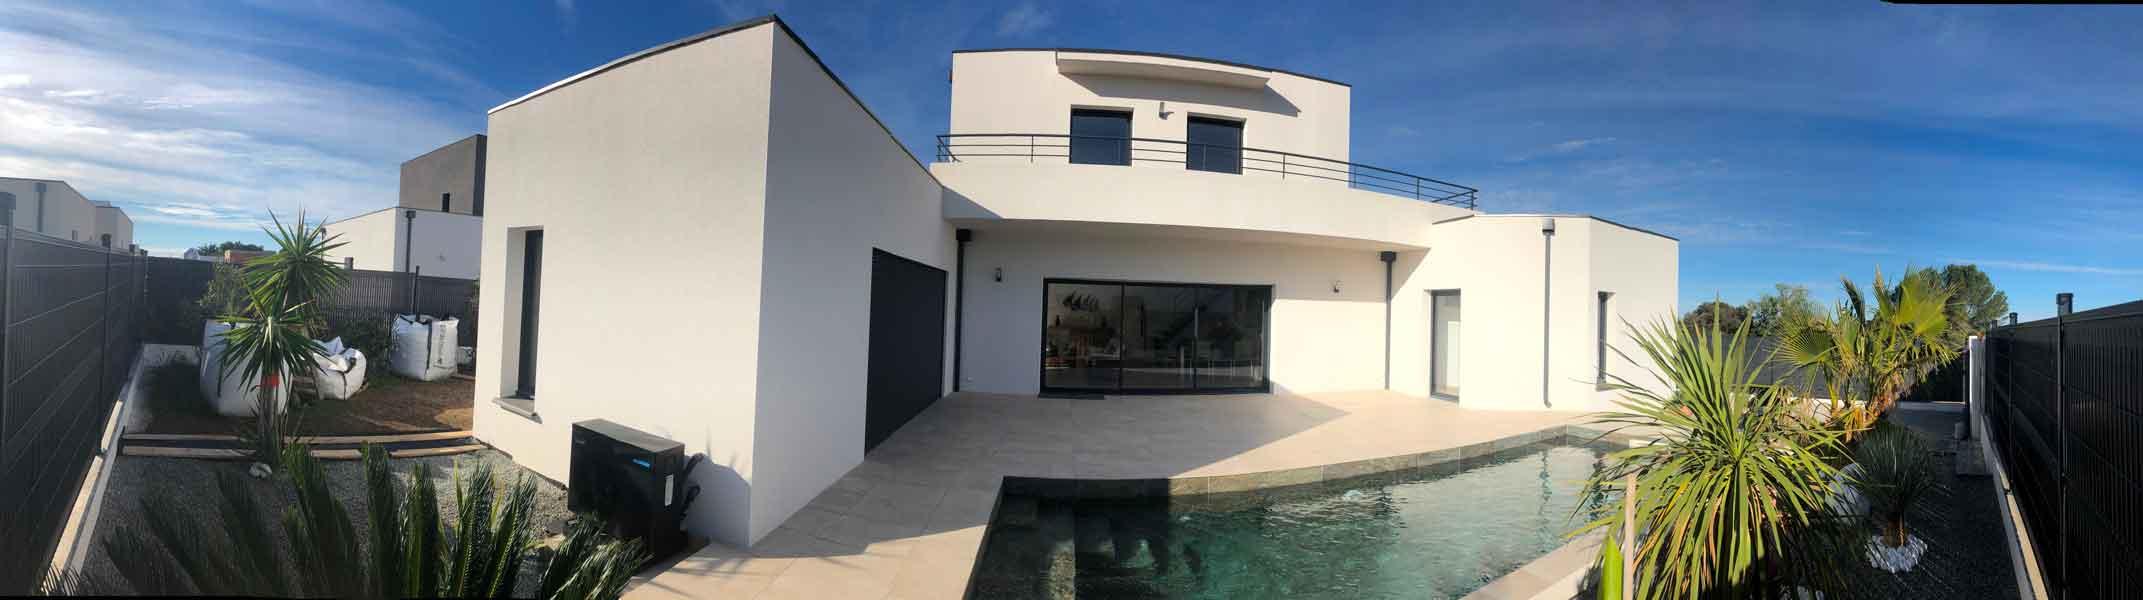 AGDE_construction-maison-individuelle-petits-immeubles-locaux-professionnels-batiment-gros-oeuvre-herault-aude-occitanie01